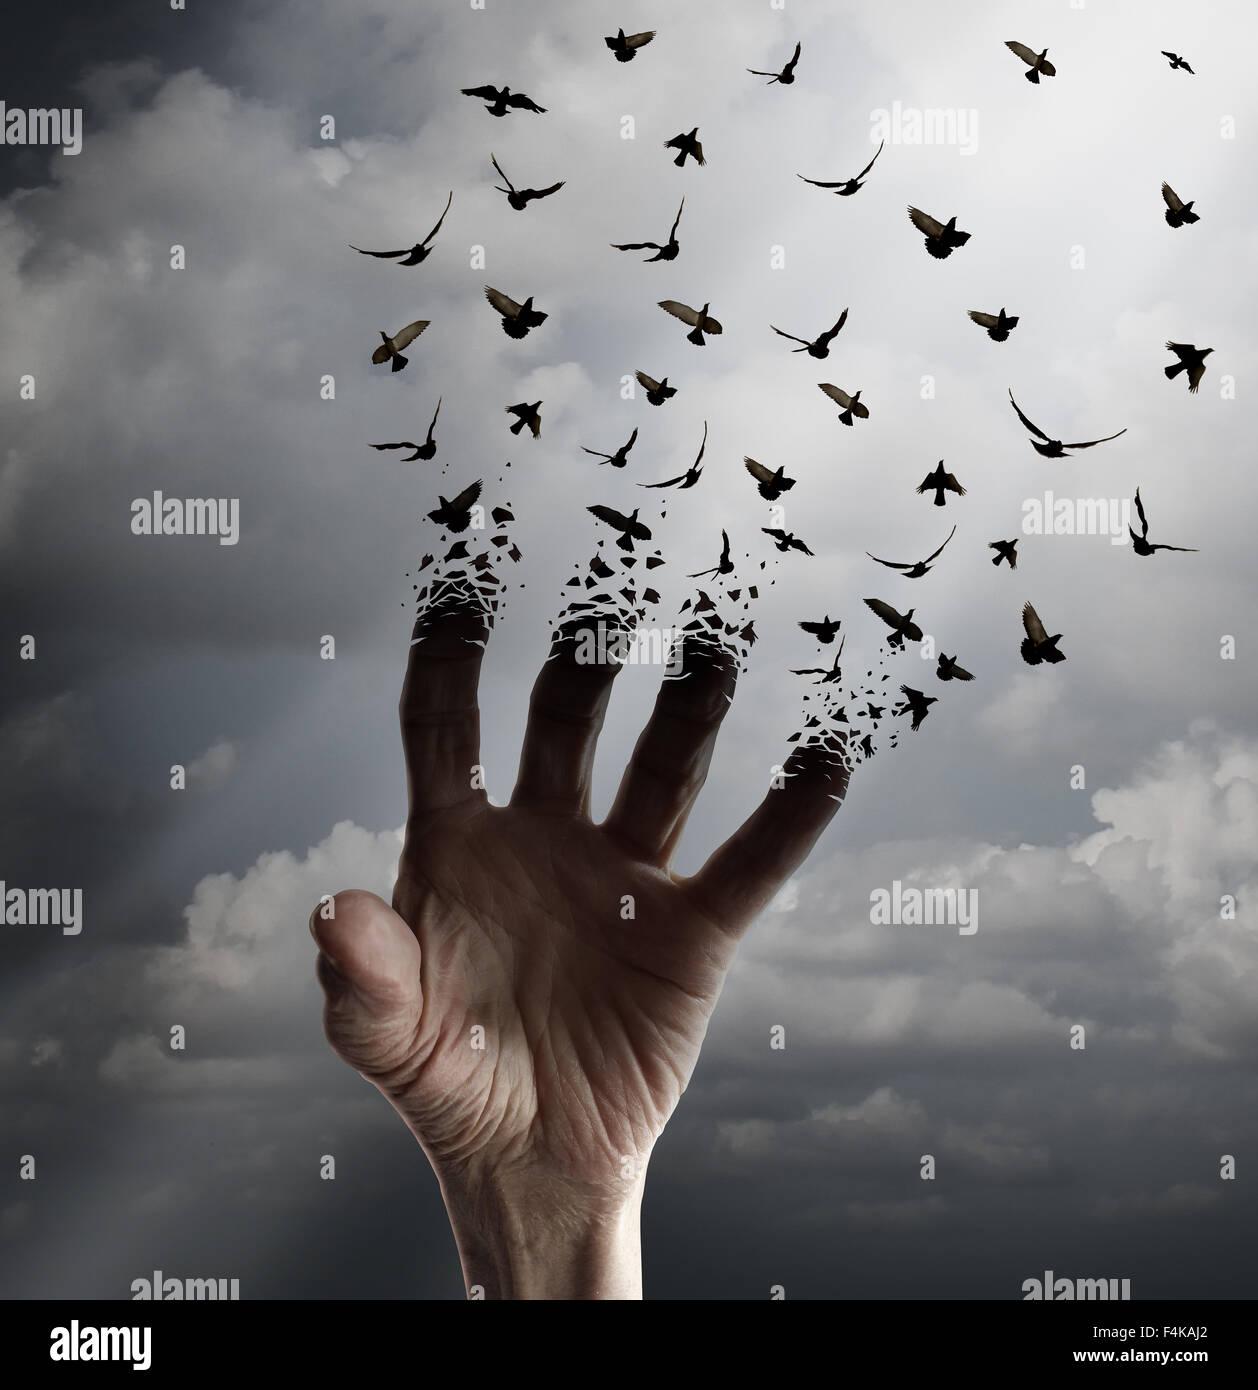 Concept de transformation de la vie comme une main tendre la main la transformation dans les oiseaux en plein vol Photo Stock